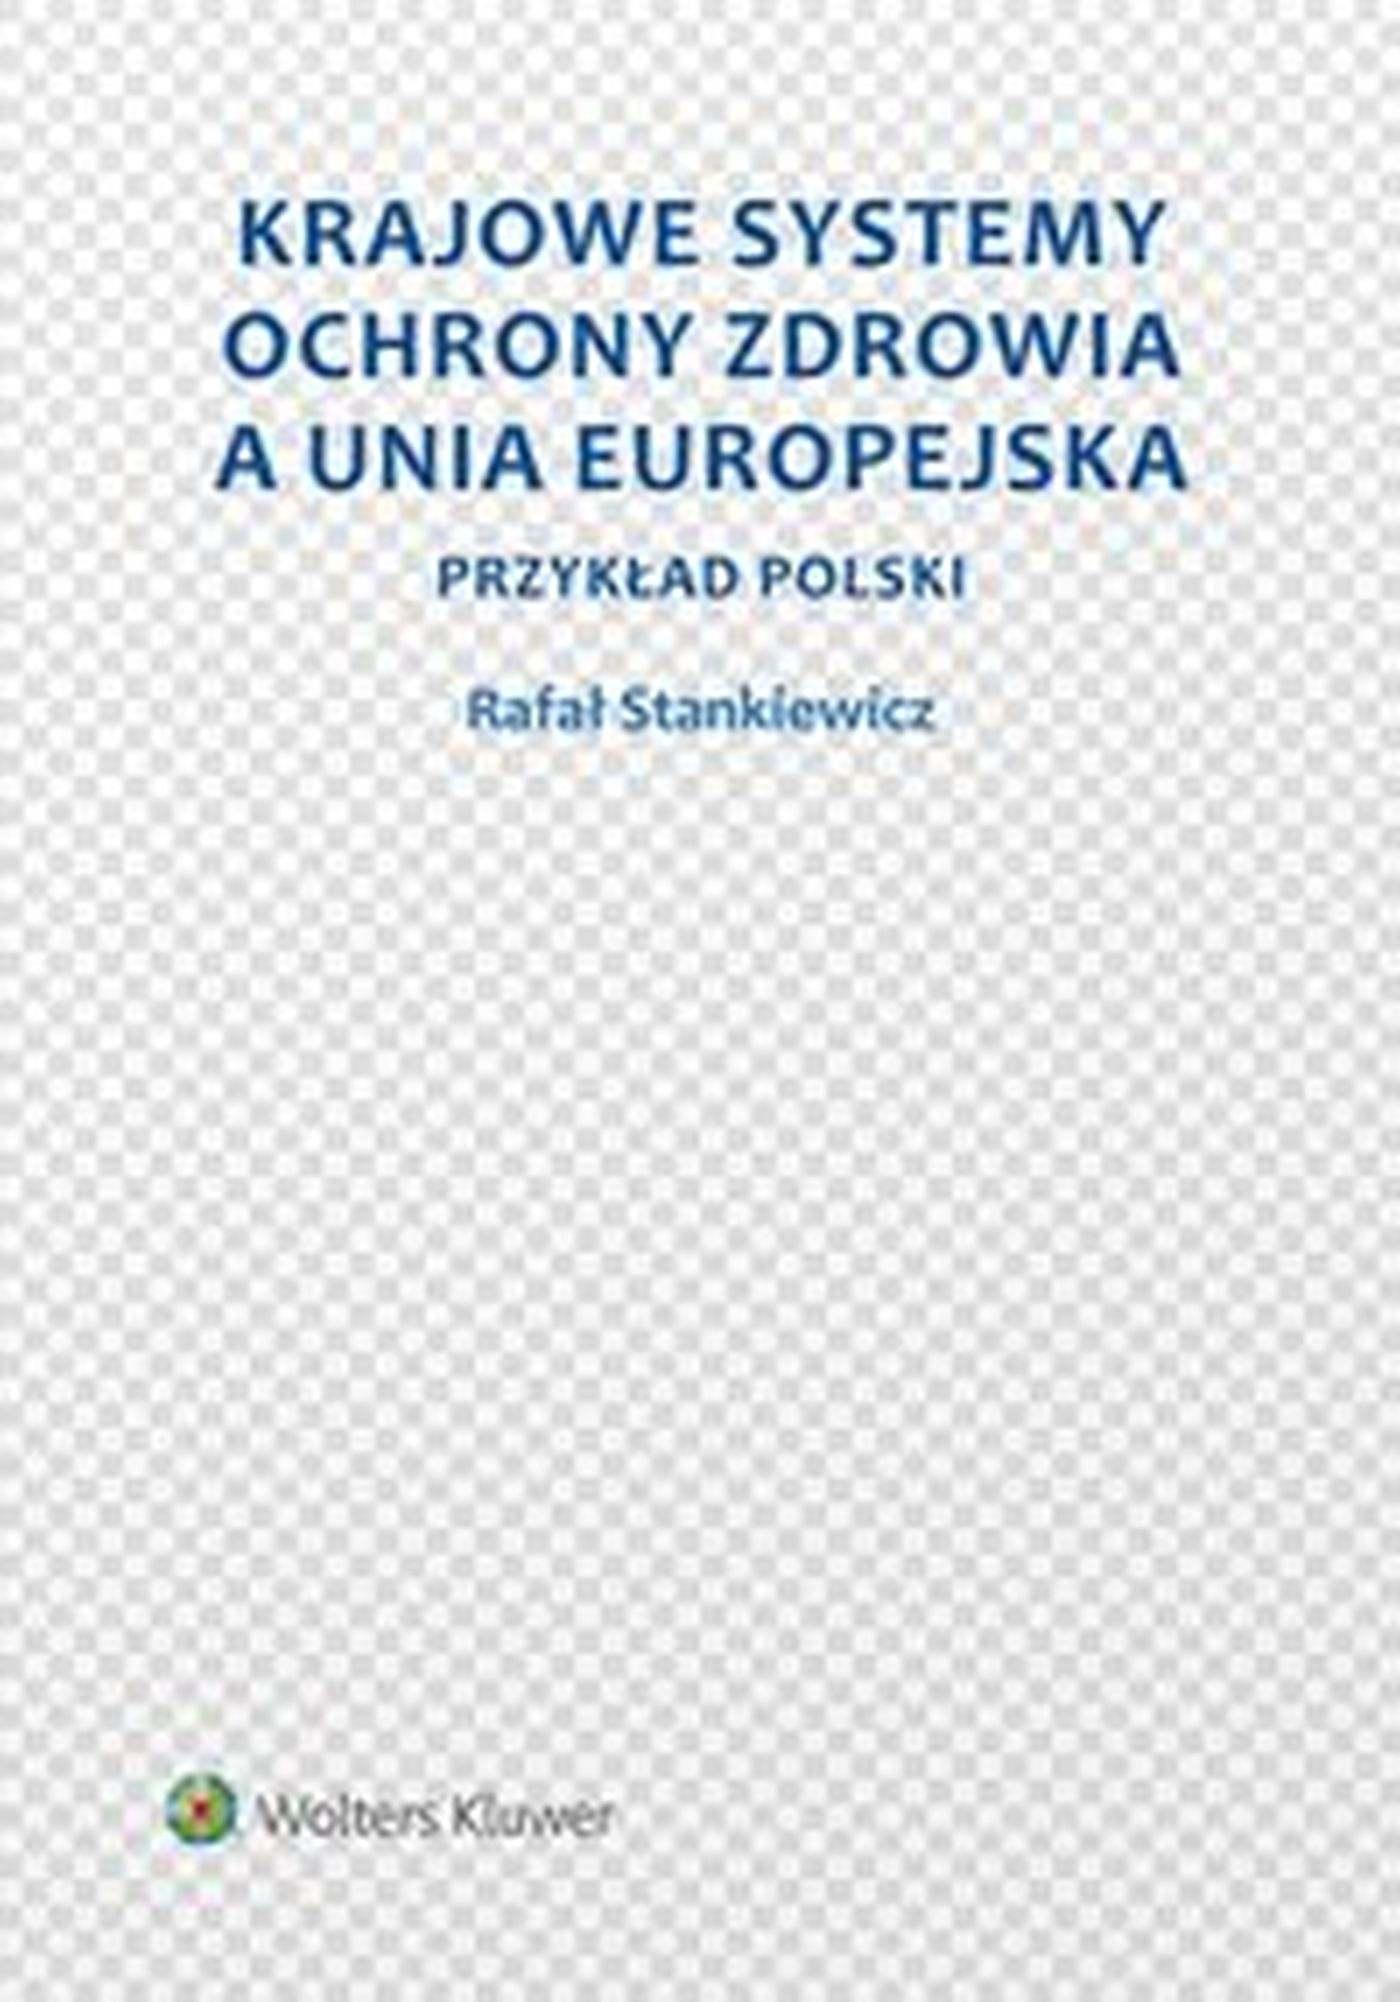 Krajowe systemy ochrony zdrowia a Unia Europejska. Przykład Polski - Ebook (Książka EPUB) do pobrania w formacie EPUB